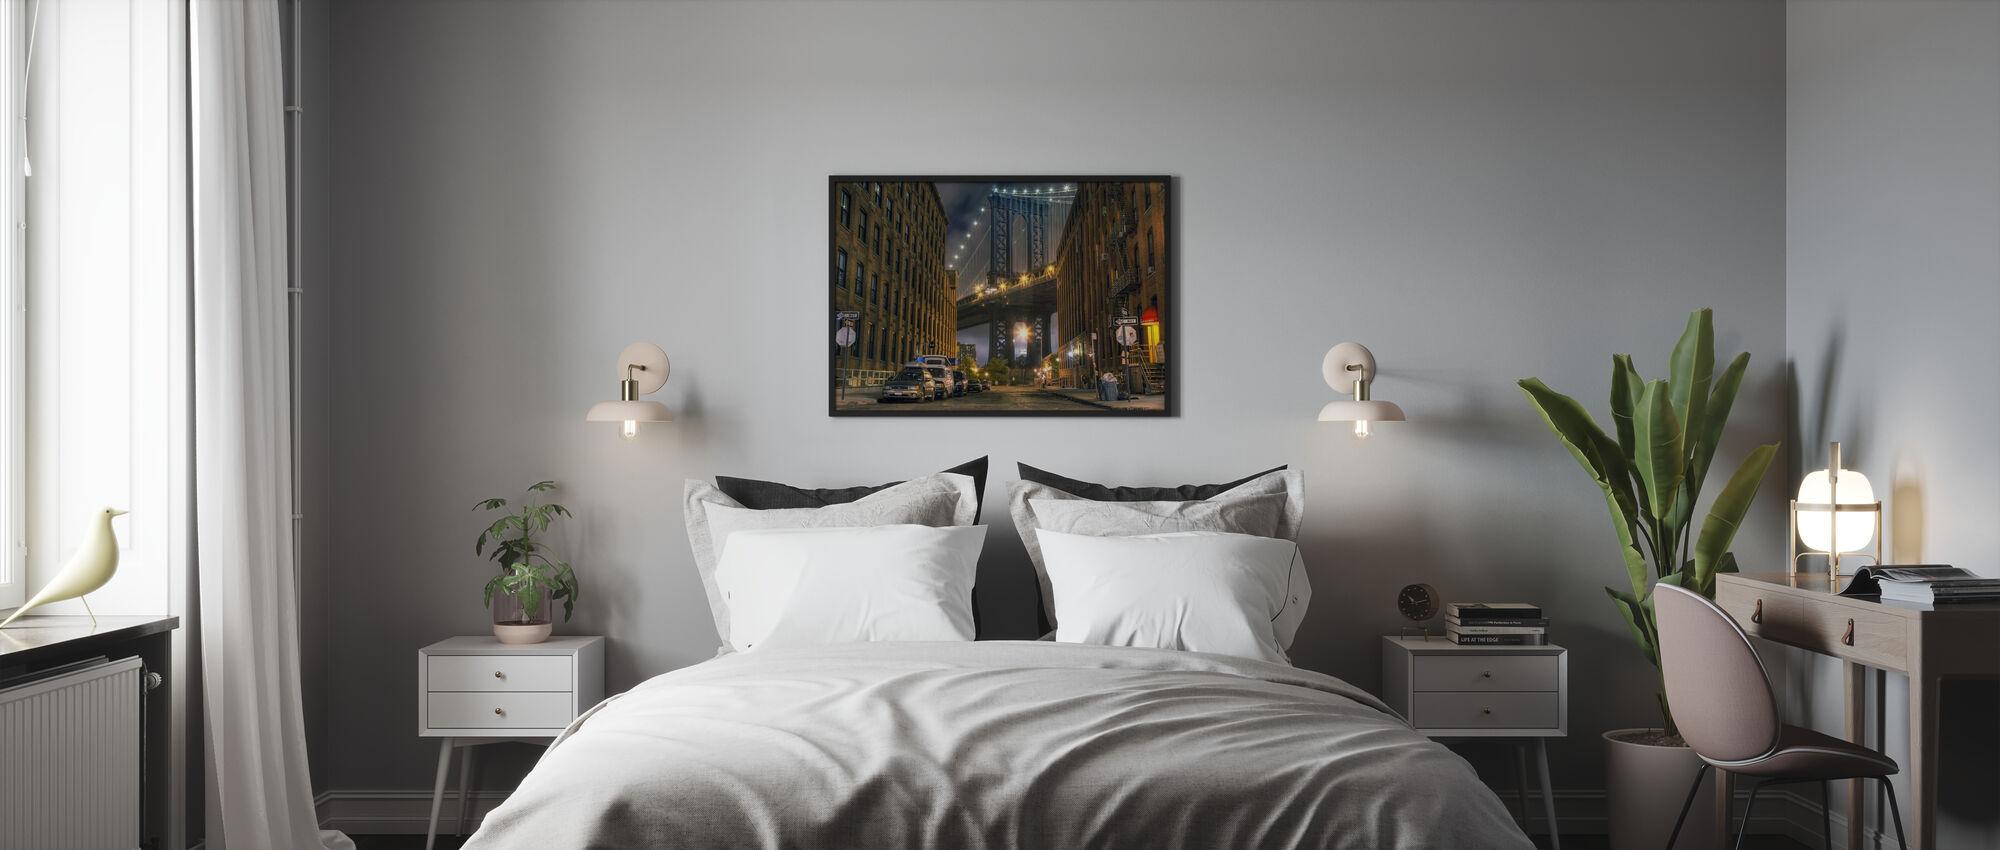 Washington Street, Manhattan, New York - Affiche - Chambre